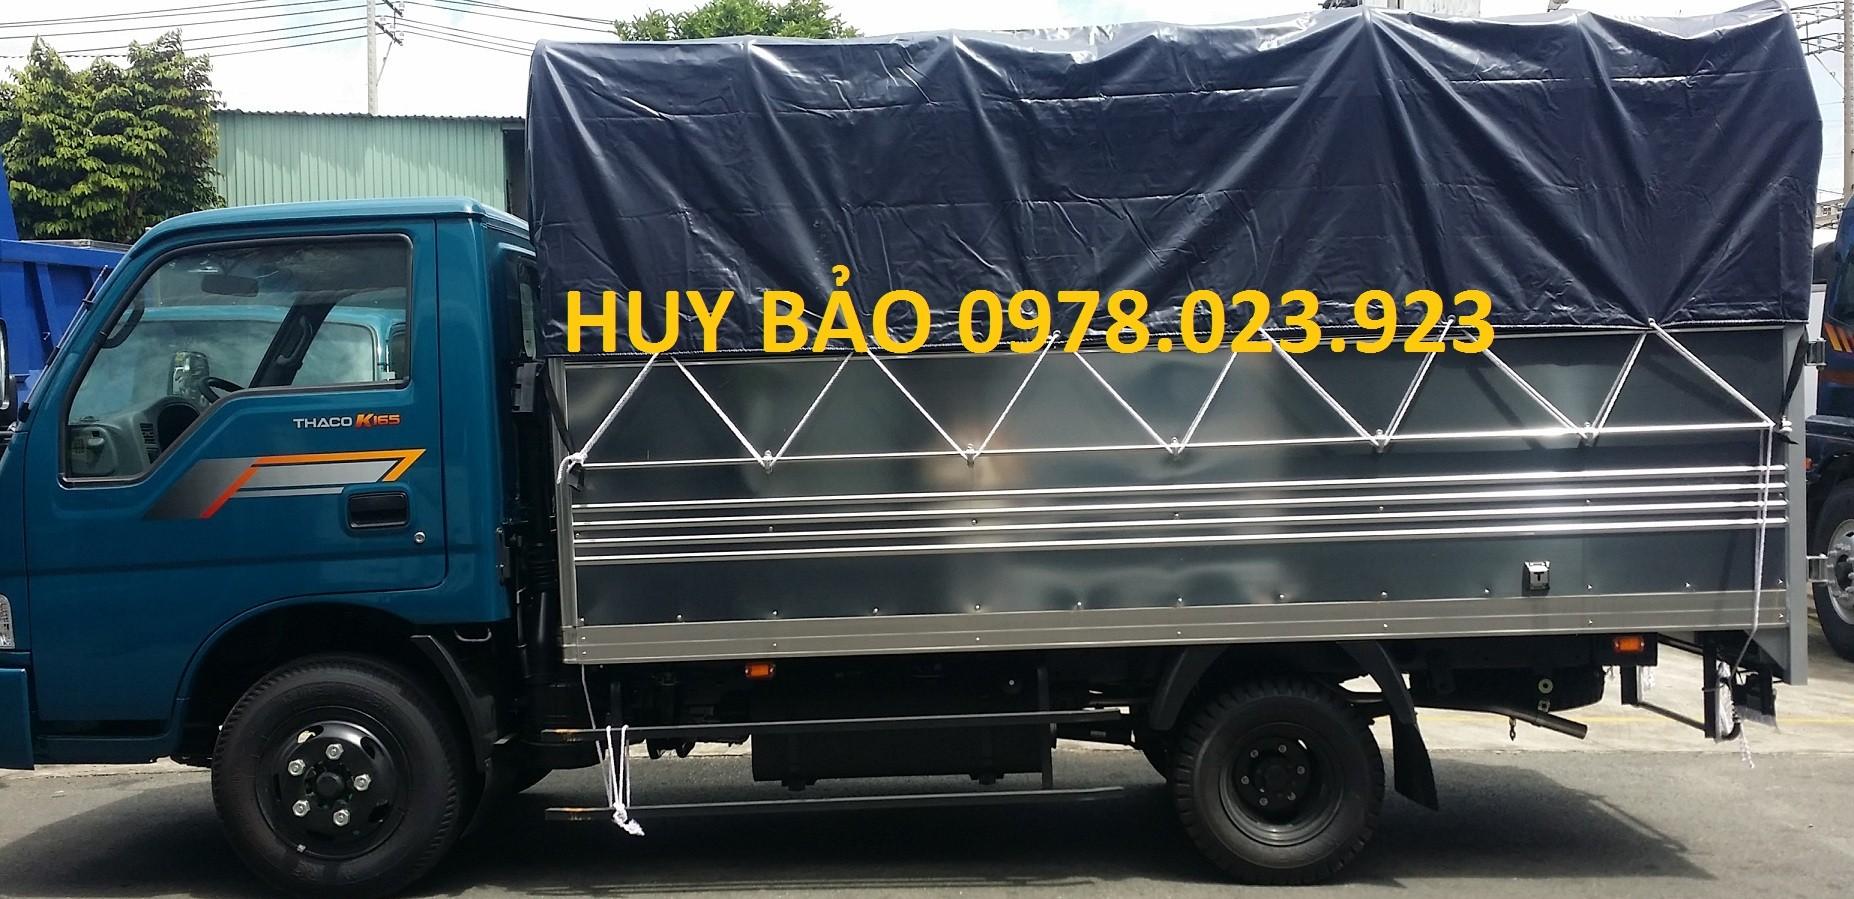 Chuyên bán xe tải kia tải 1 tấn 4, tải 2 tấn 4, xe tải kia đi thành phố k165 hỗ trợ vây cao Ảnh số 41526136